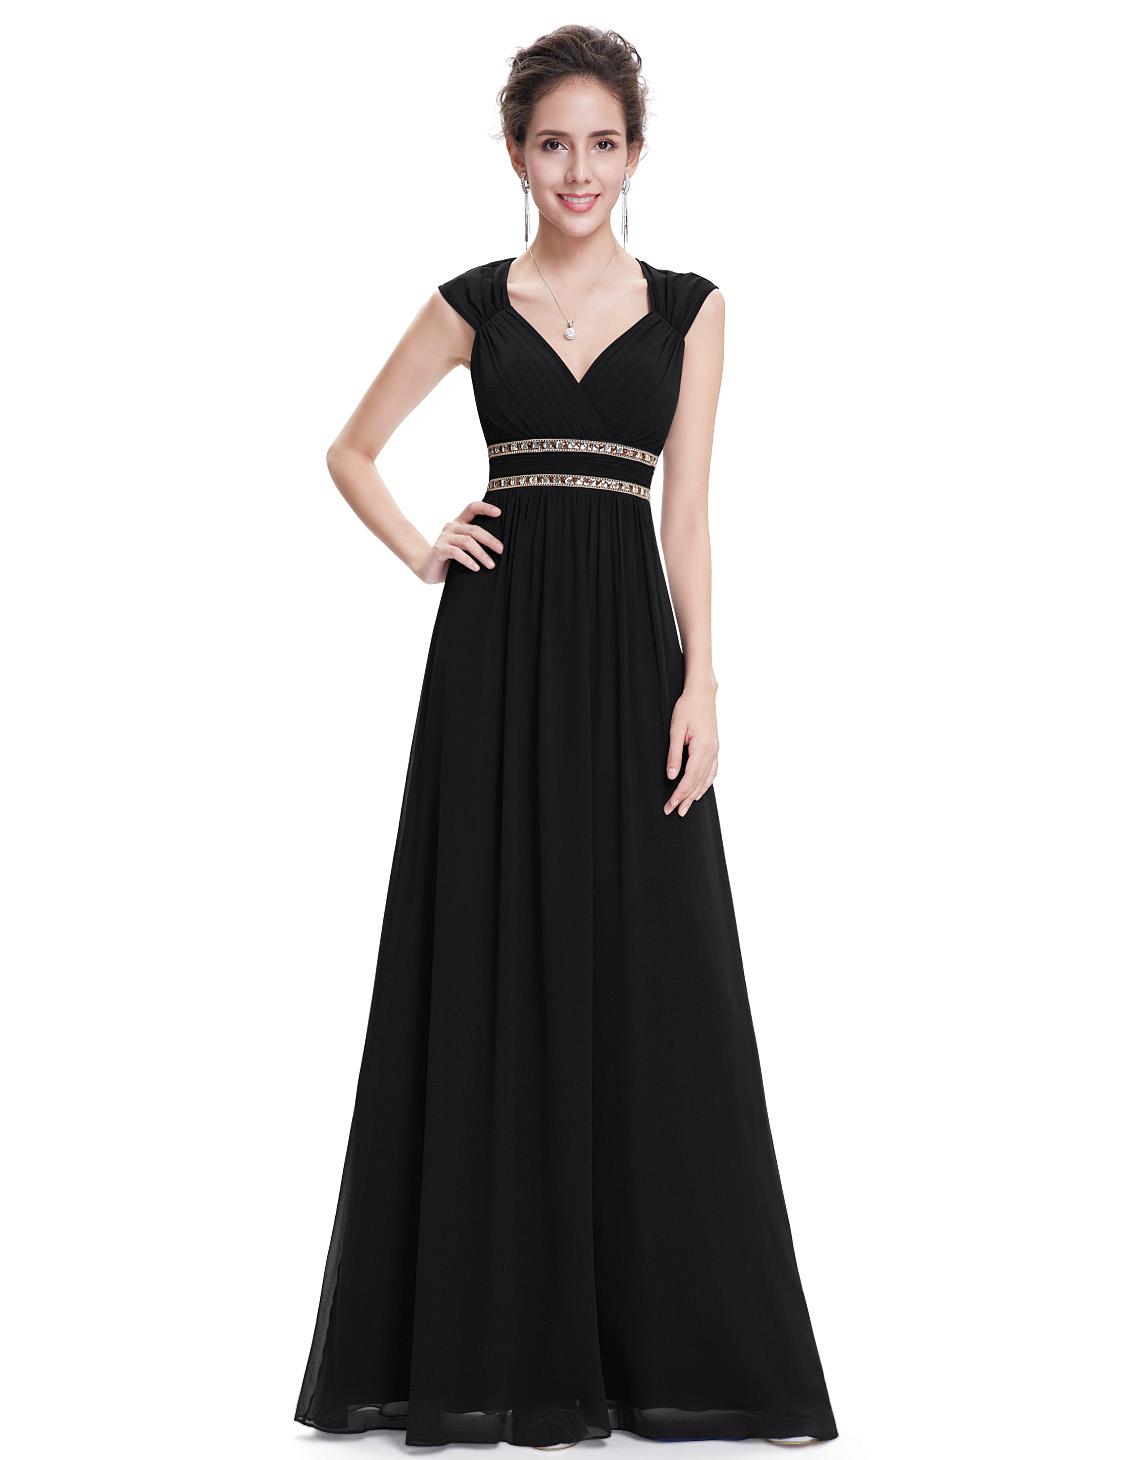 Černé dlouhé společenské šaty ve stylu řecké bohyně 40 L ... 120a55905e